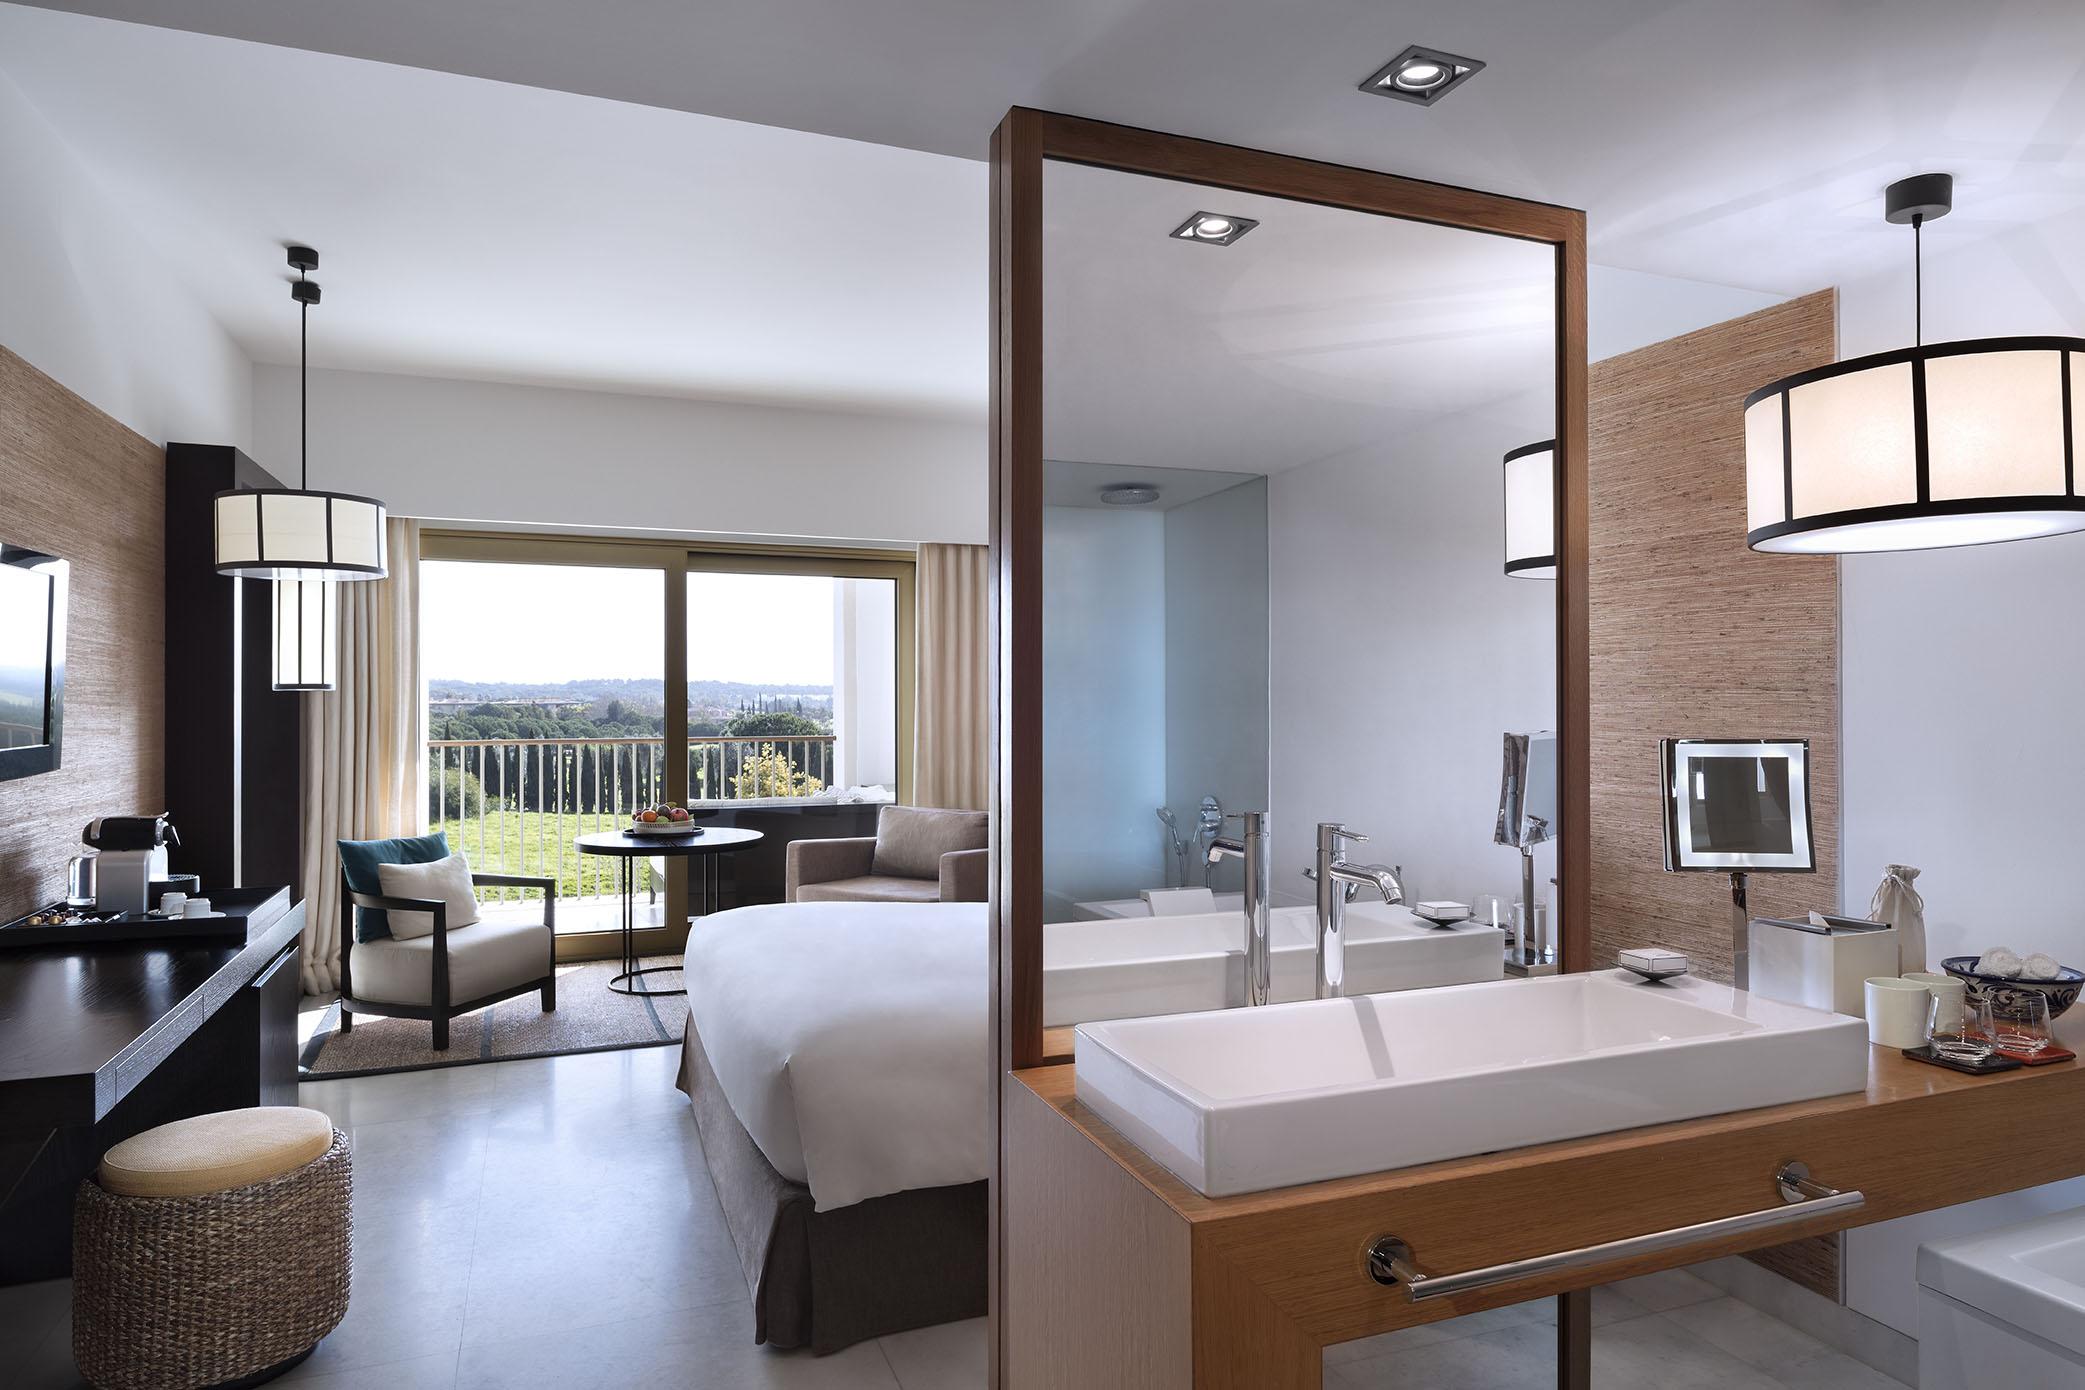 Bedroom in the Anantara Vilamoura - best luxury hotel in the Algarve